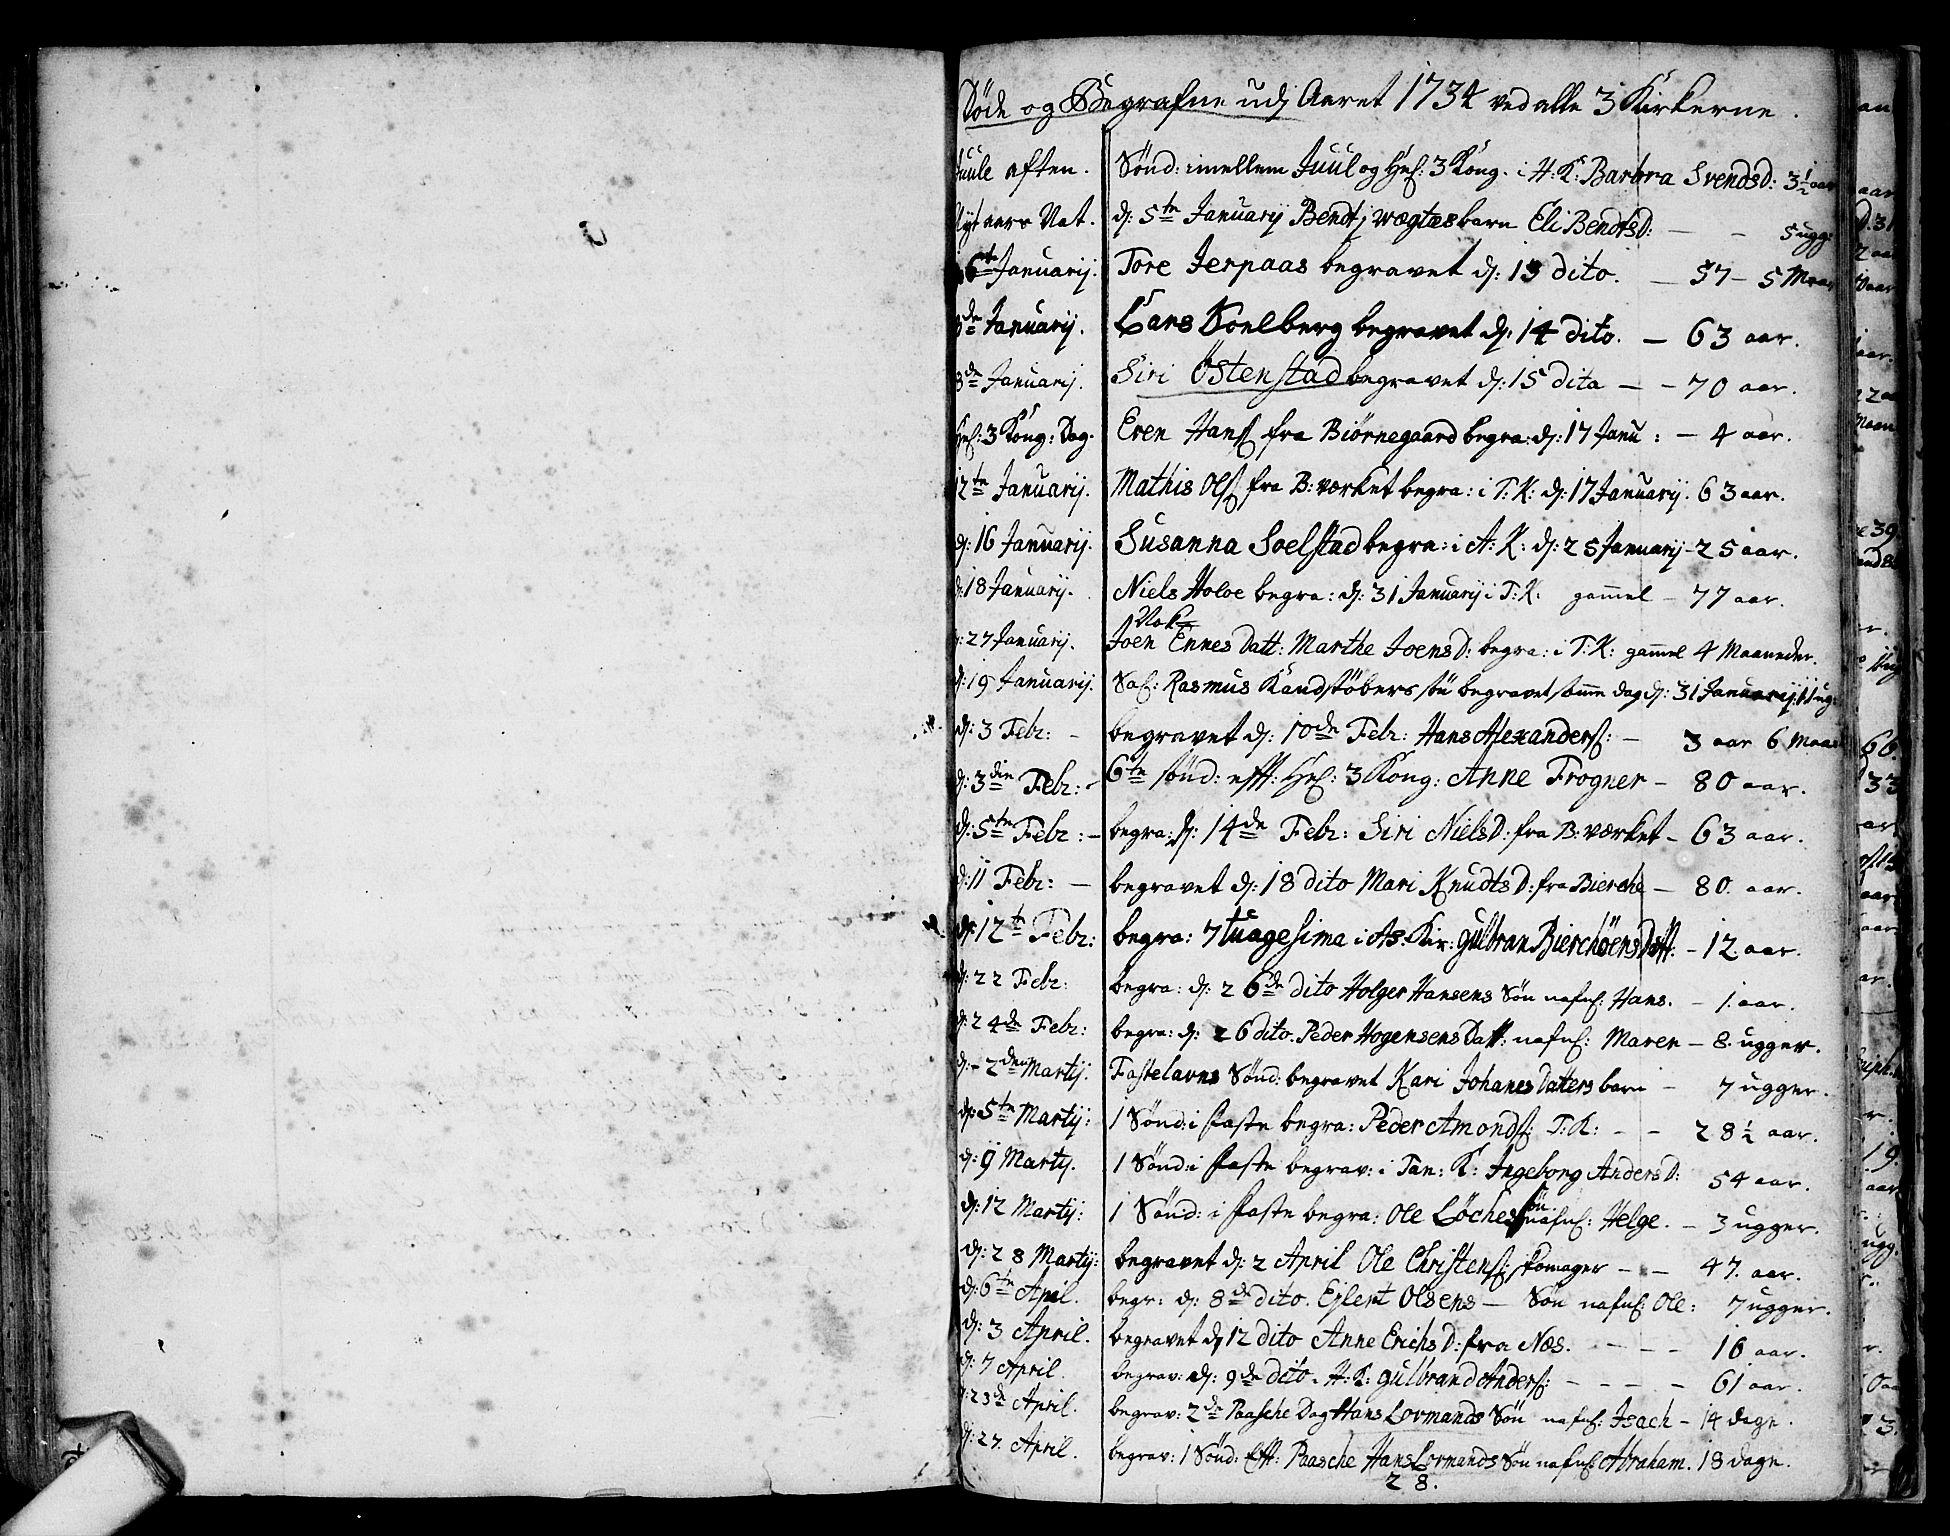 SAO, Asker prestekontor Kirkebøker, F/Fa/L0001: Ministerialbok nr. I 1, 1726-1744, s. 95